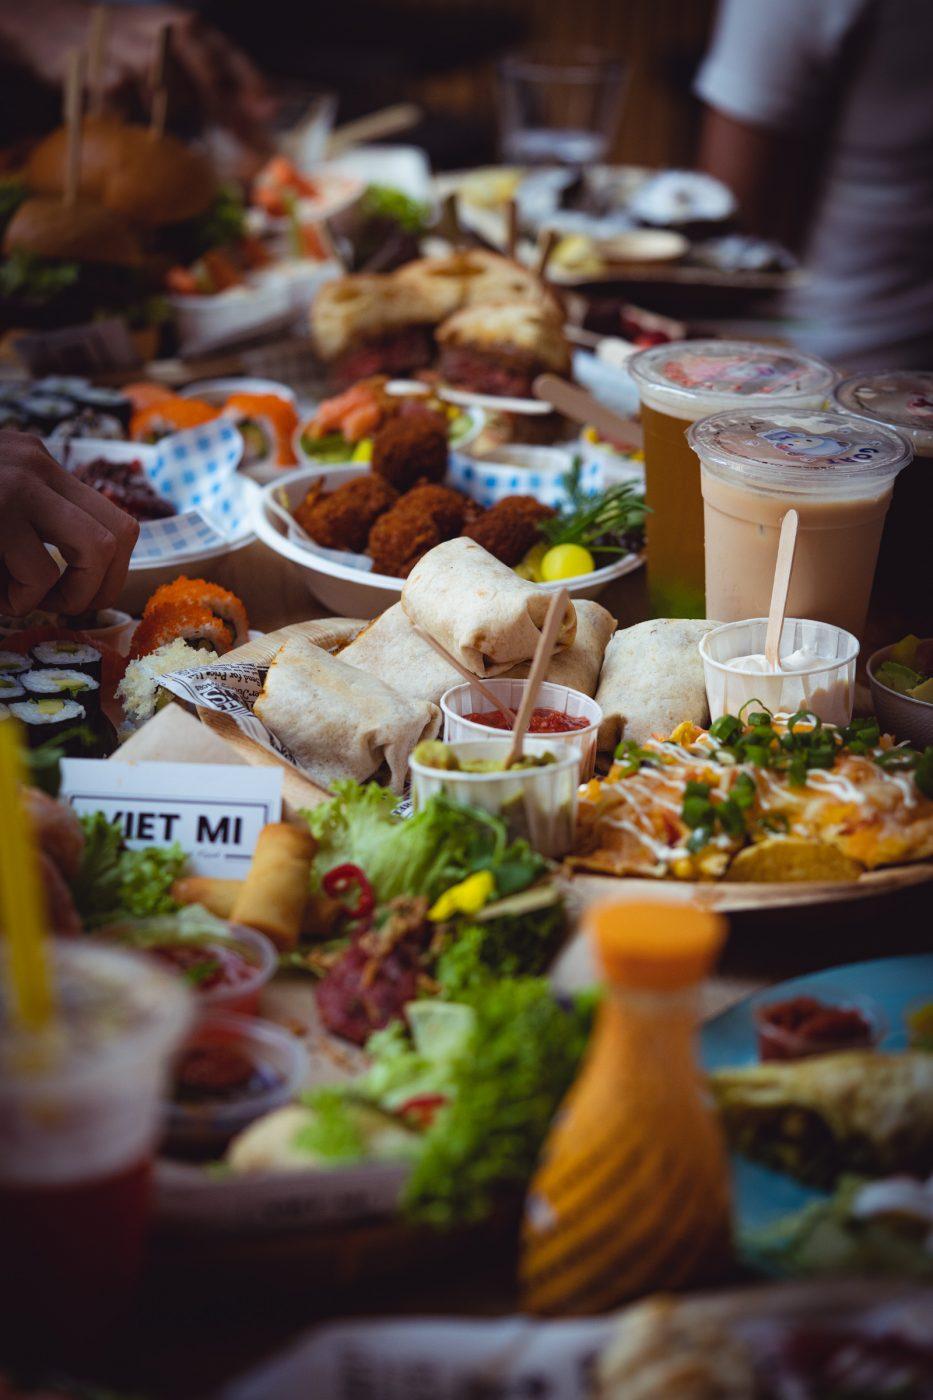 Foodhall Breda Visit Brabant 32 | Zum mittlerweile dritten Mal in Folge lassen wir an Silvester für euch unser Jahr Revue passieren! Dabei merken wir immer wieder, wie viel man eigentlich schon wieder vergessen hat. Aber auch, wie unglaublich viel in einem Jahr passieren kann. In diesem Jahr hat Feed Me Up Before You Go-Go eingeladen und dem Ruf folgen wir mehr als gerne - also kommt hier der große Jahresrückblick, unsere #FOODBLOGBILANZ2019